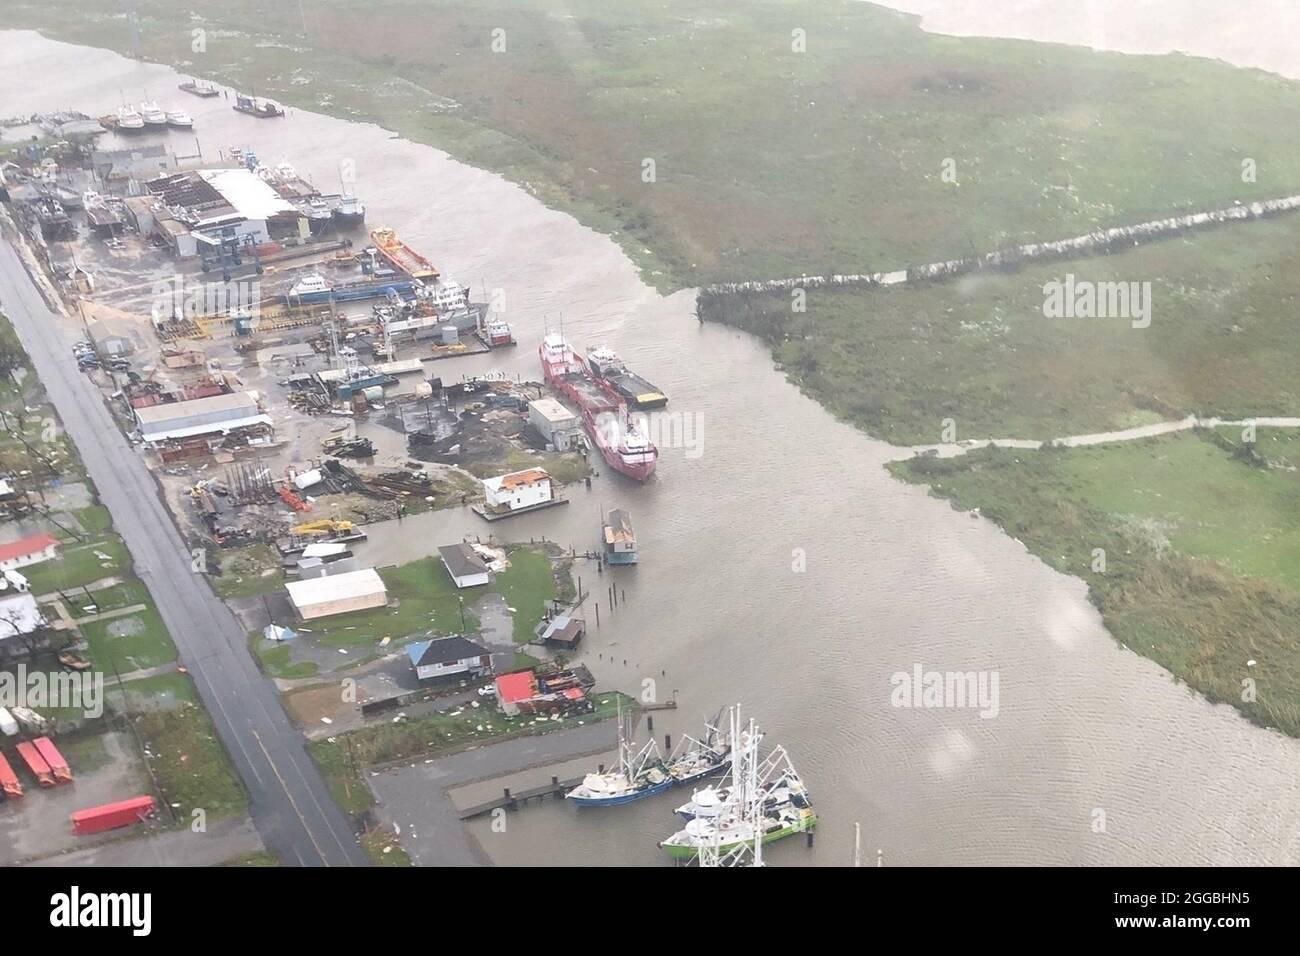 Galliano, Stati Uniti. 30 ago 2021. La Guardia Costiera degli Stati Uniti conduce gli uragani Ida dopo la tempesta sorvoli lungo la Costa del Golfo il 30 agosto 2020. Gli equipaggi hanno effettuato sorvoli nei pressi di Galliano, Louisiana, per valutare i danni e identificare i pericoli. Foto di U.S. Coast Guard/UPI Credit: UPI/Alamy Live News Foto Stock